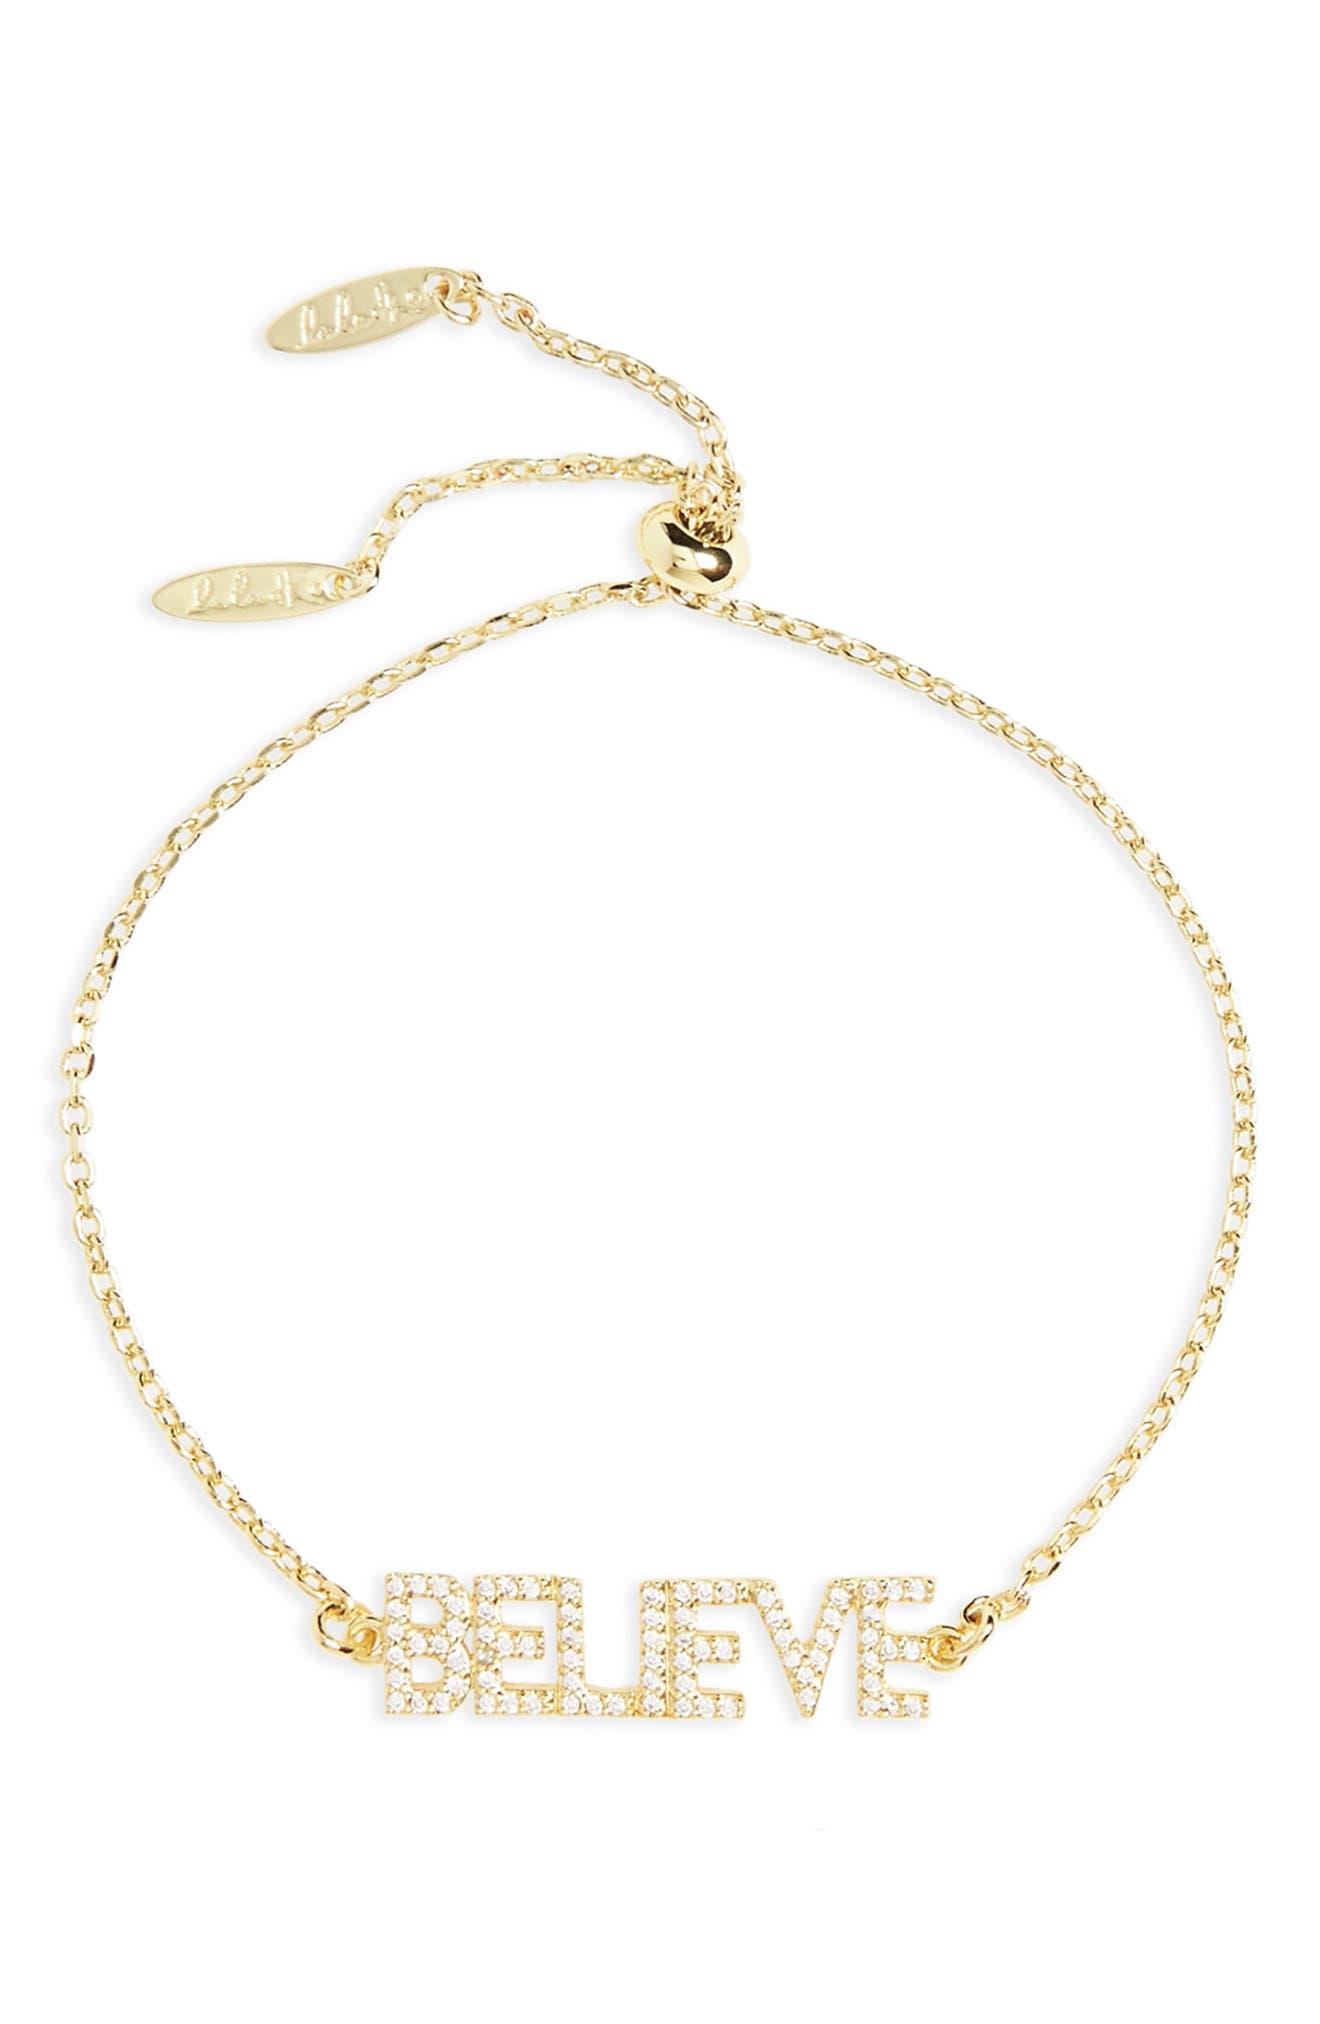 Main Image - Lulu DK Believe Bracelet